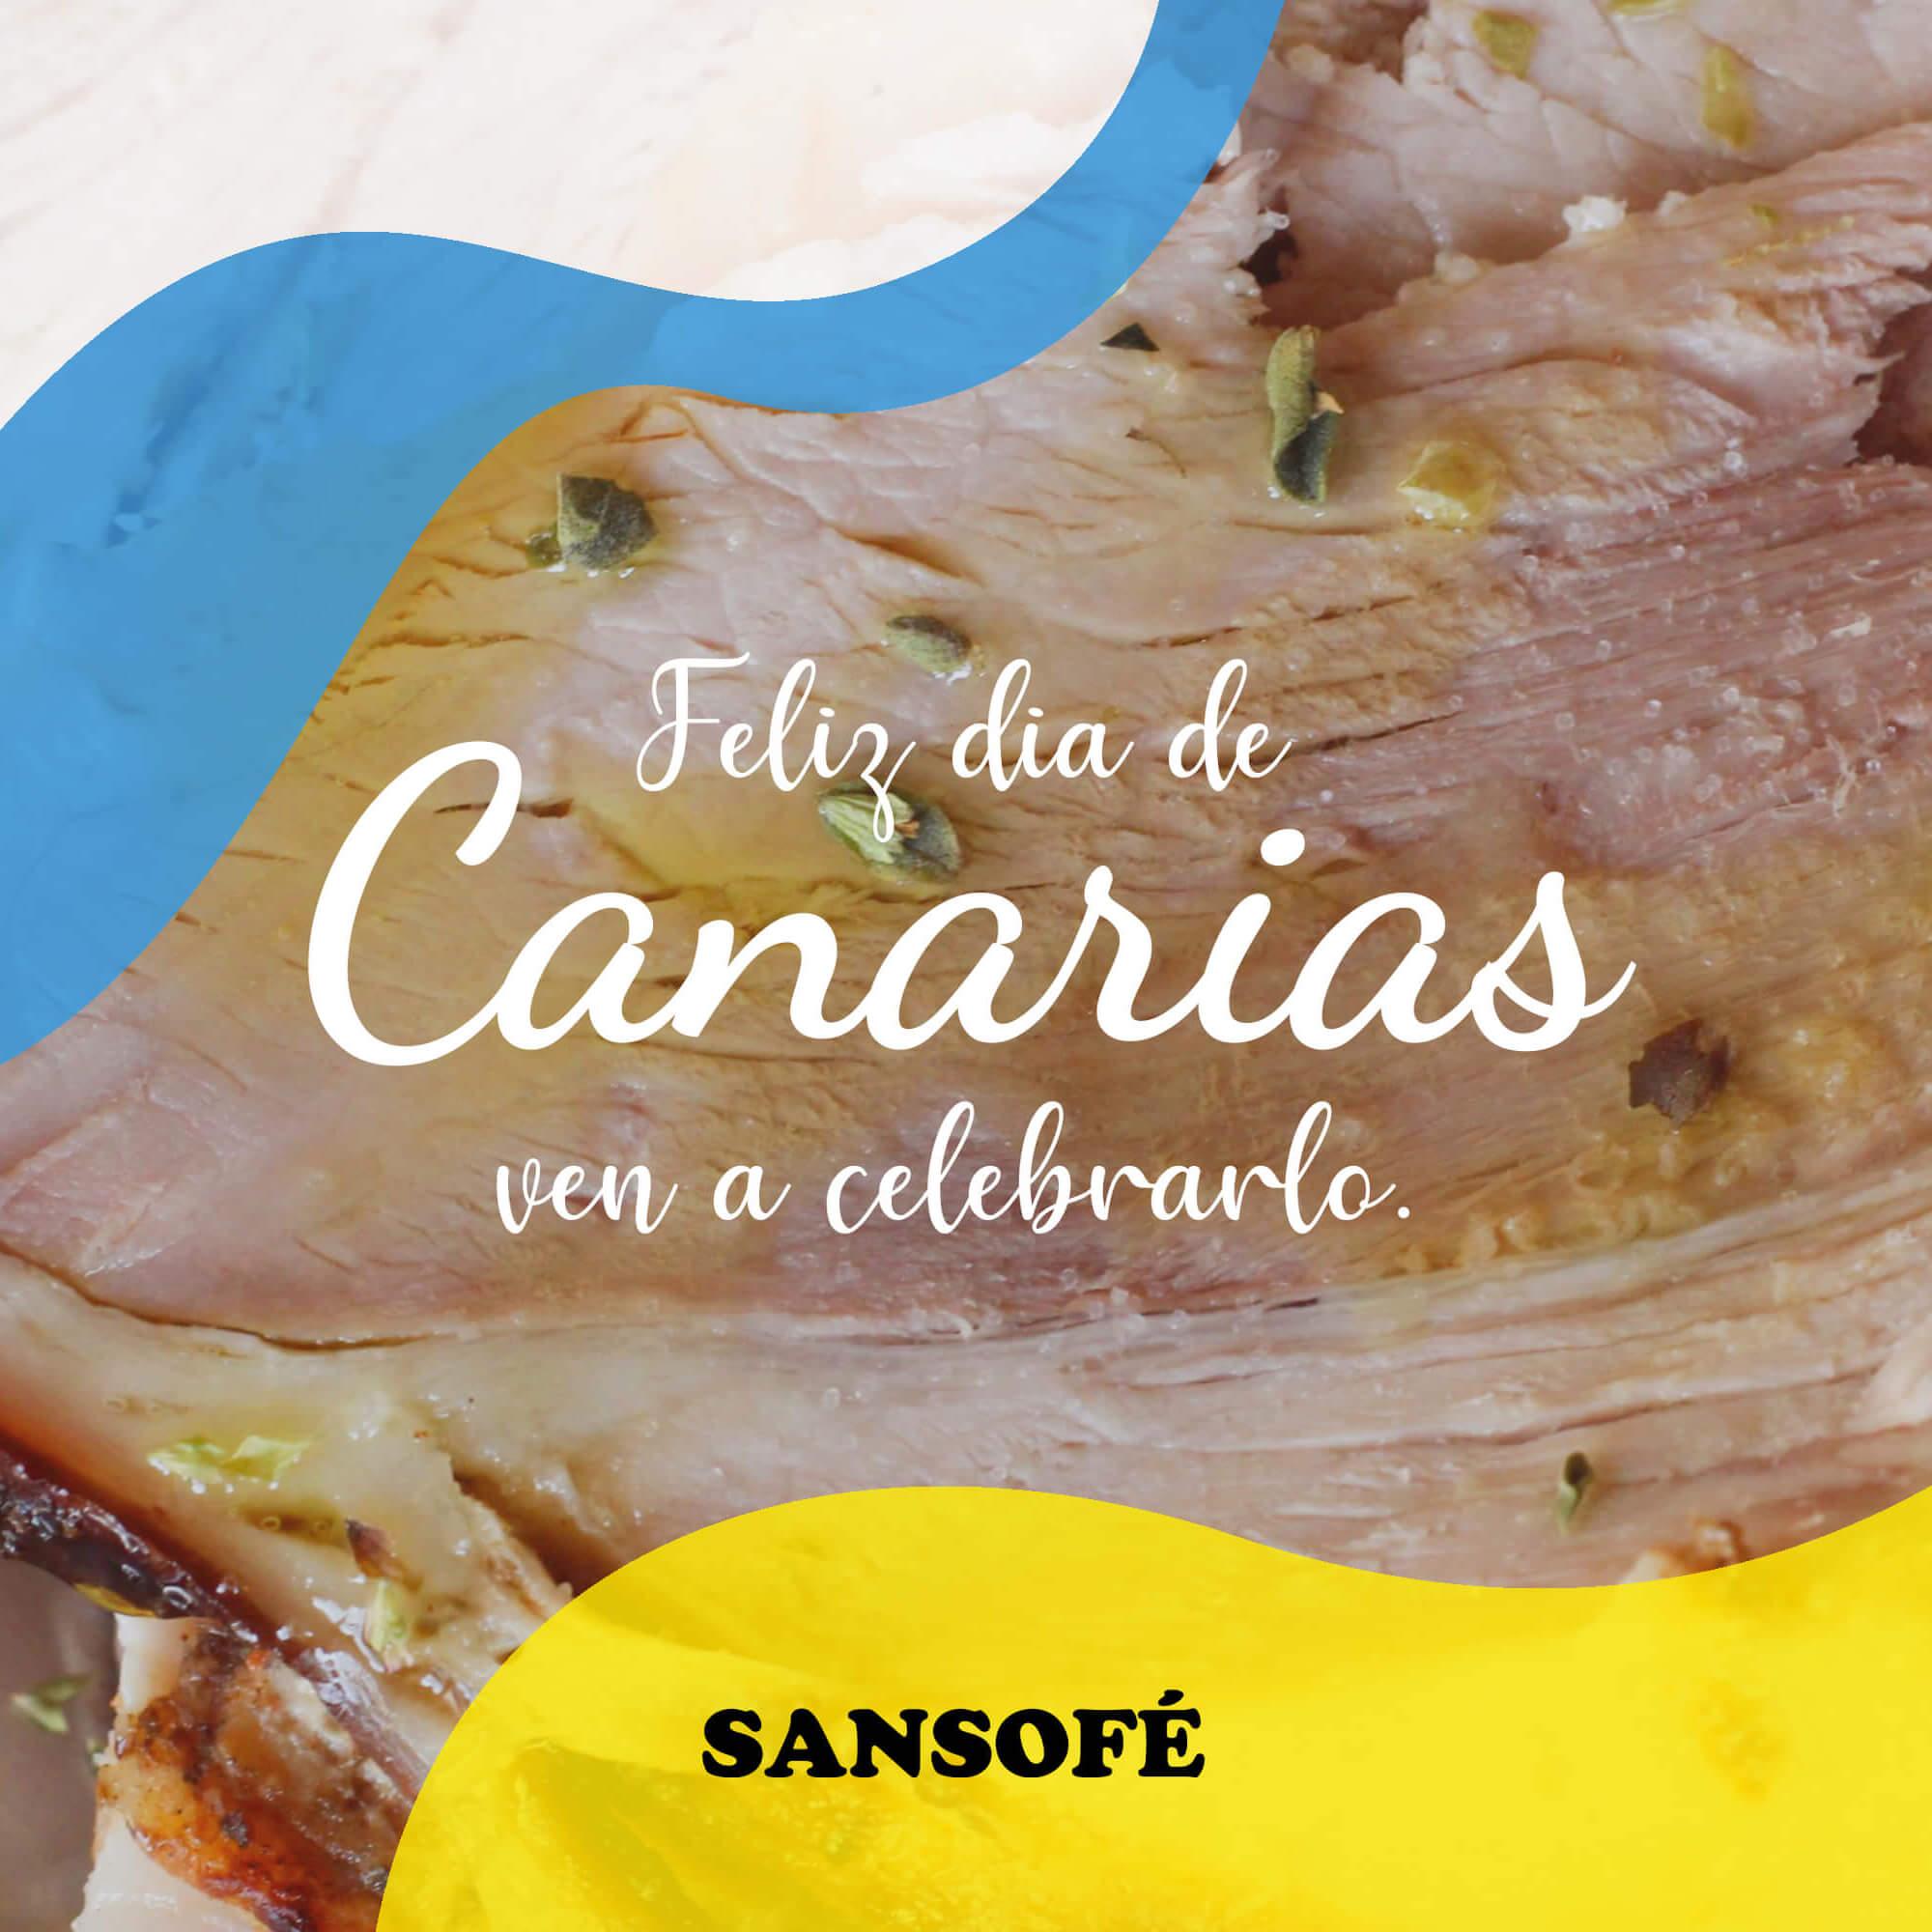 Cocina del Día de Canarias Sansofé